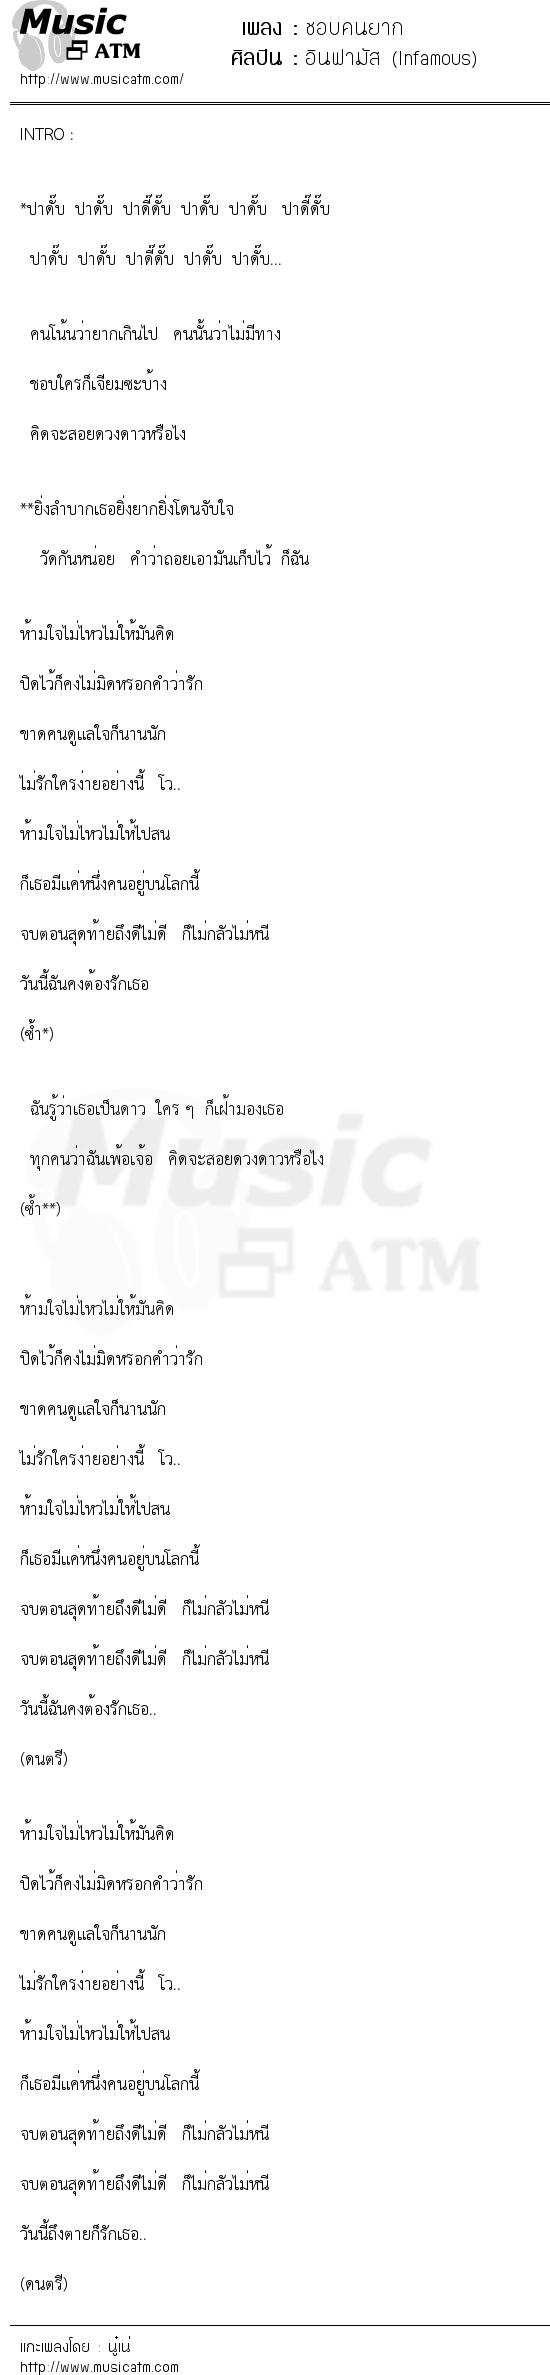 ชอบคนยาก | เพลงไทย